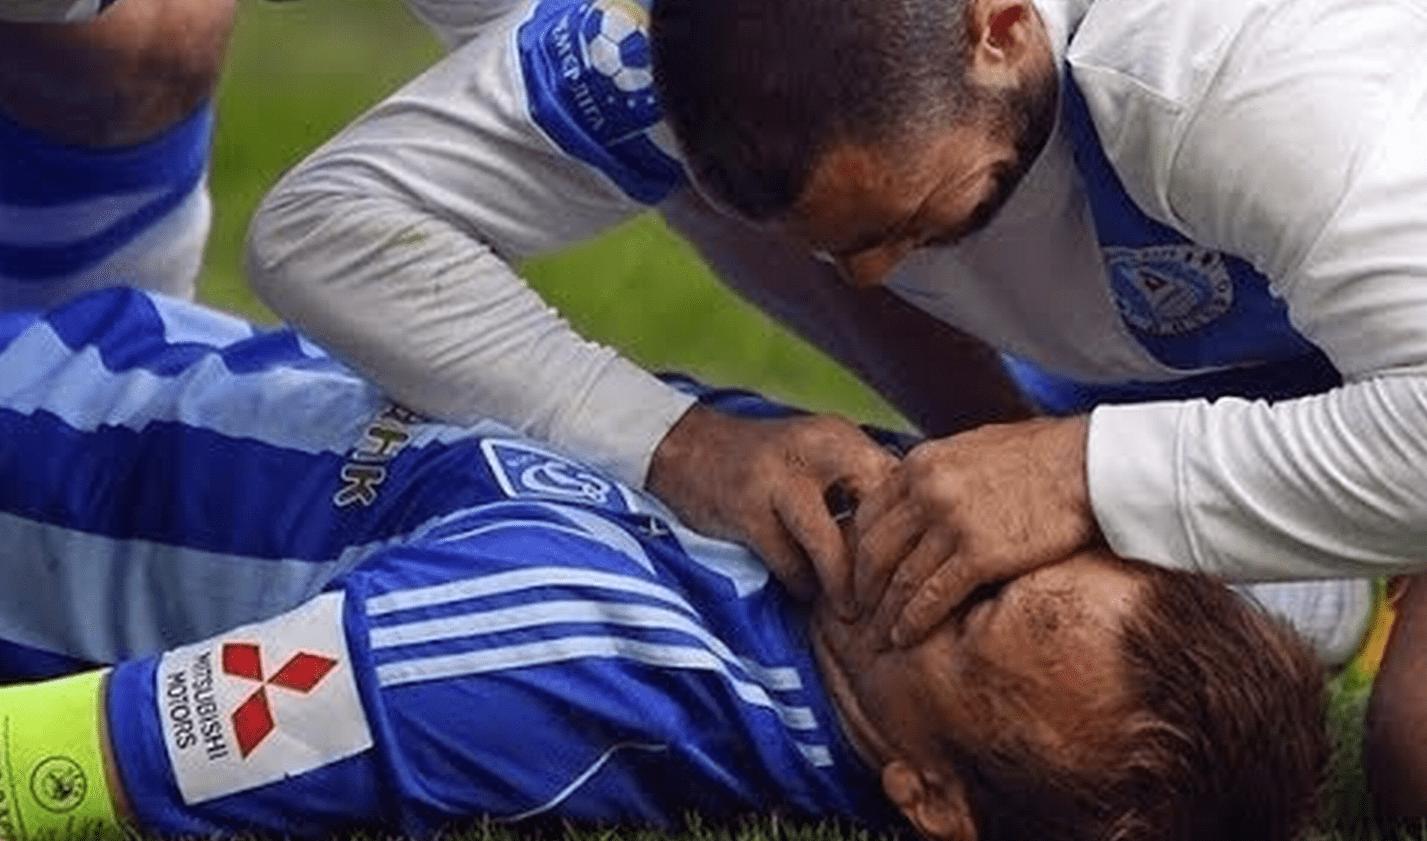 【感動】サッカーの試合で選手同士がぶつかって失神!いち早く駆け寄って救ったのは対戦相手だった!!